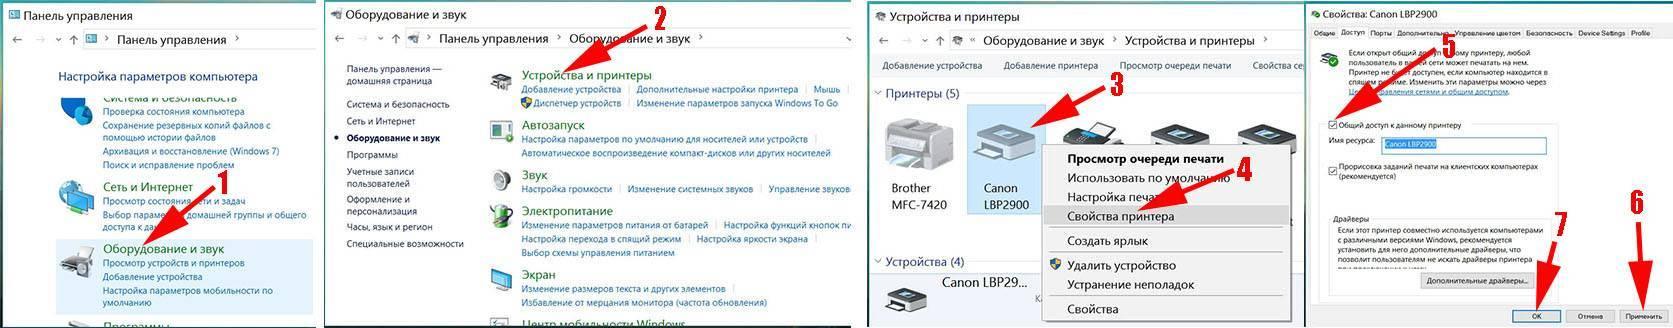 Как подключить принтер к ноутбуку через wi-fi - подробная инструкция